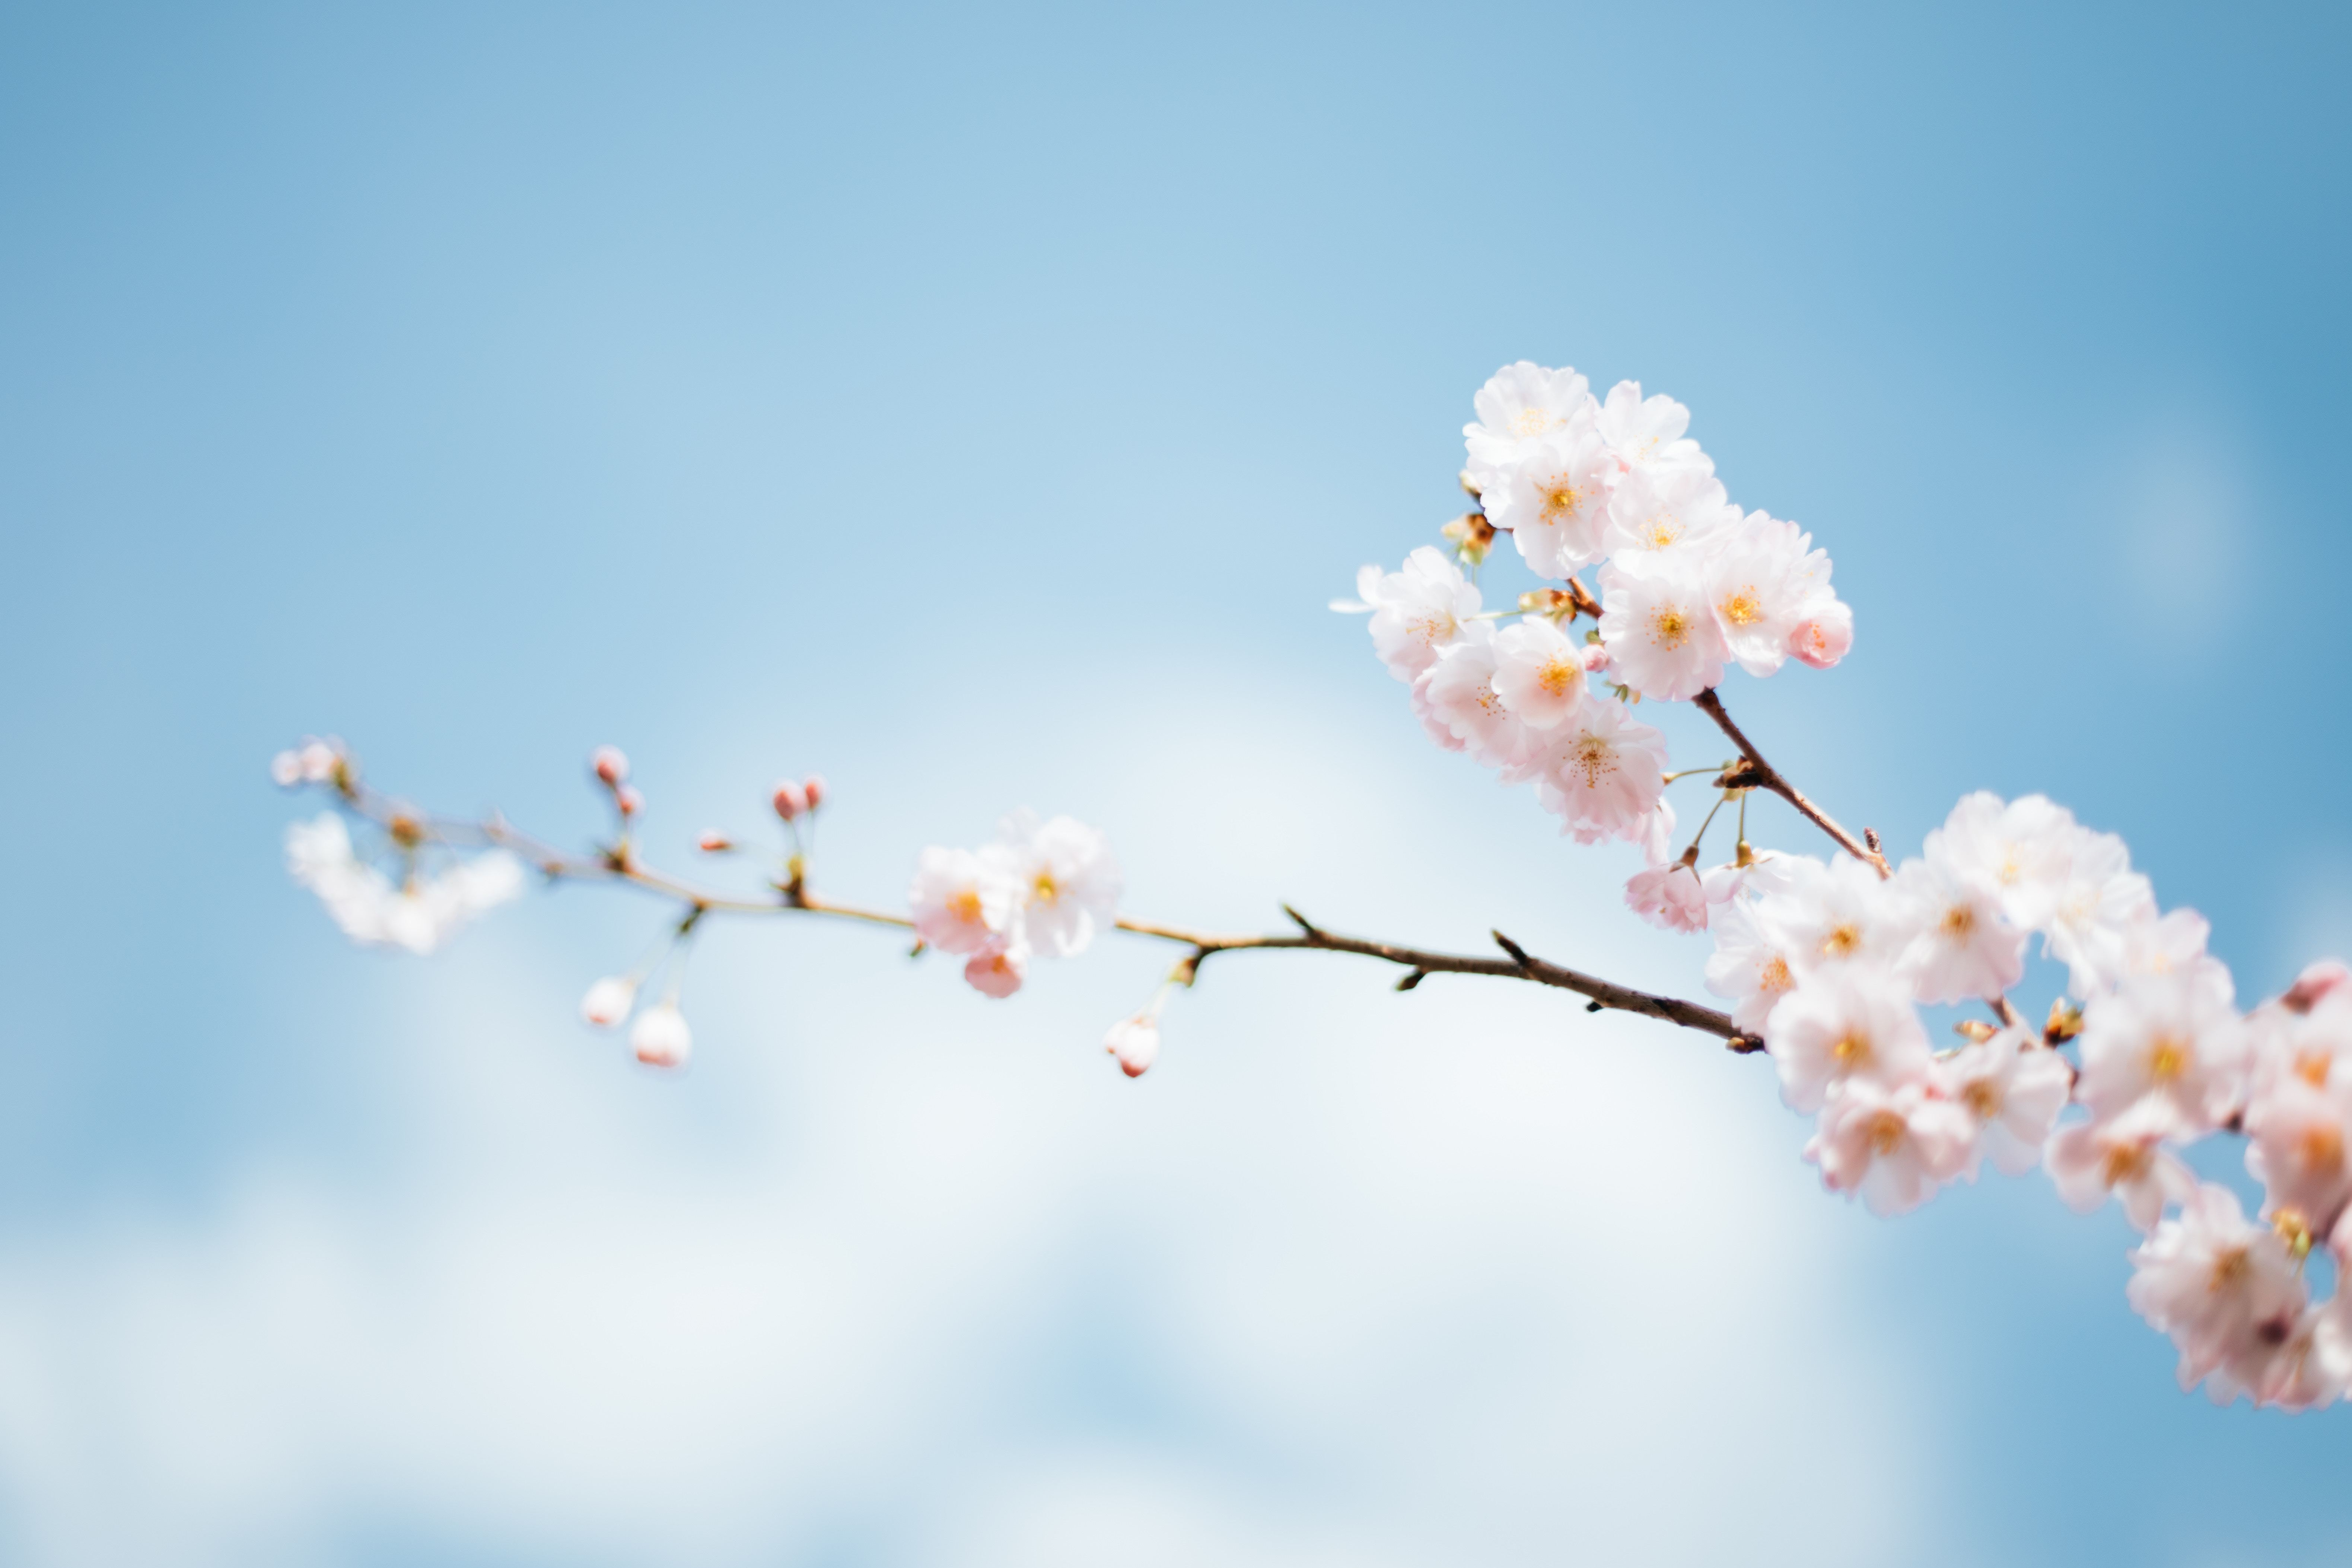 青空と桜の枝